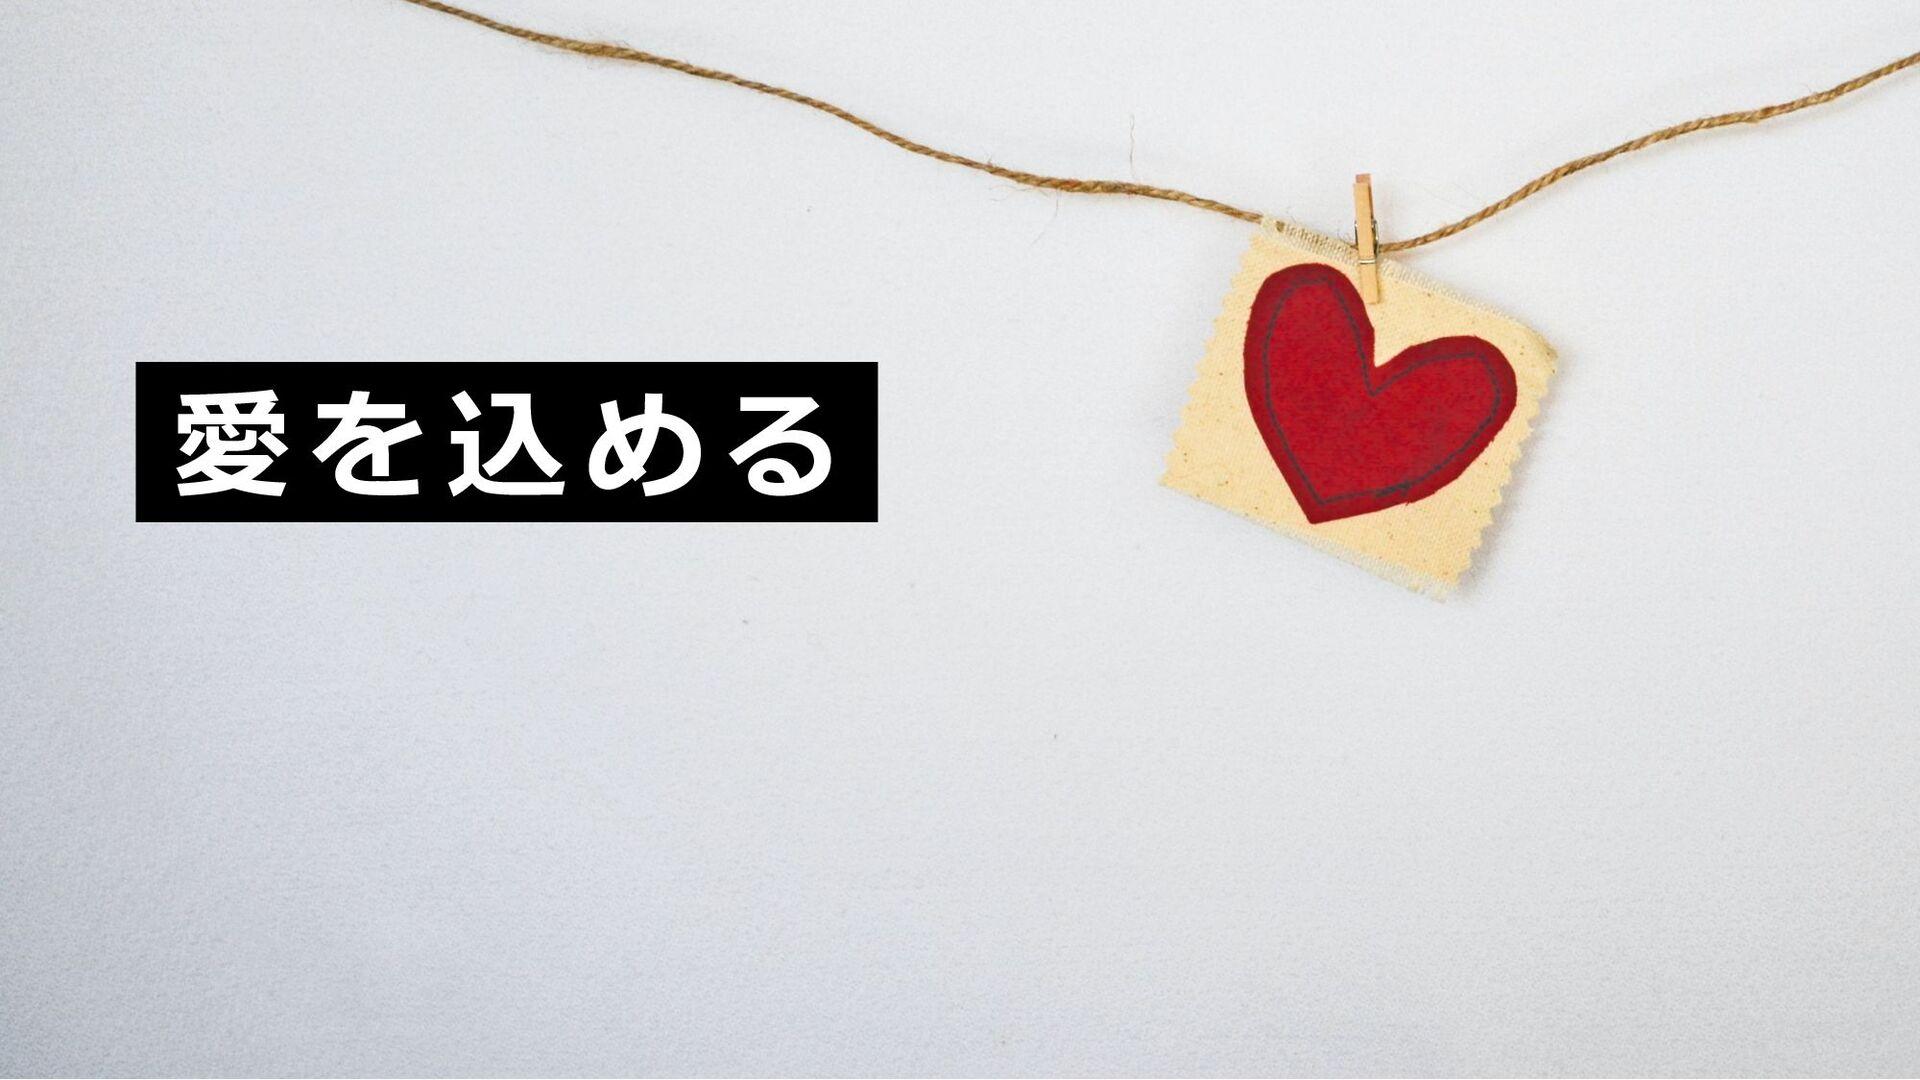 2. 事業紹介 – シゴトレ シゴトレの提供価値 約3ヶ⽉で⾼強度のキャリアトレーニングを提供...